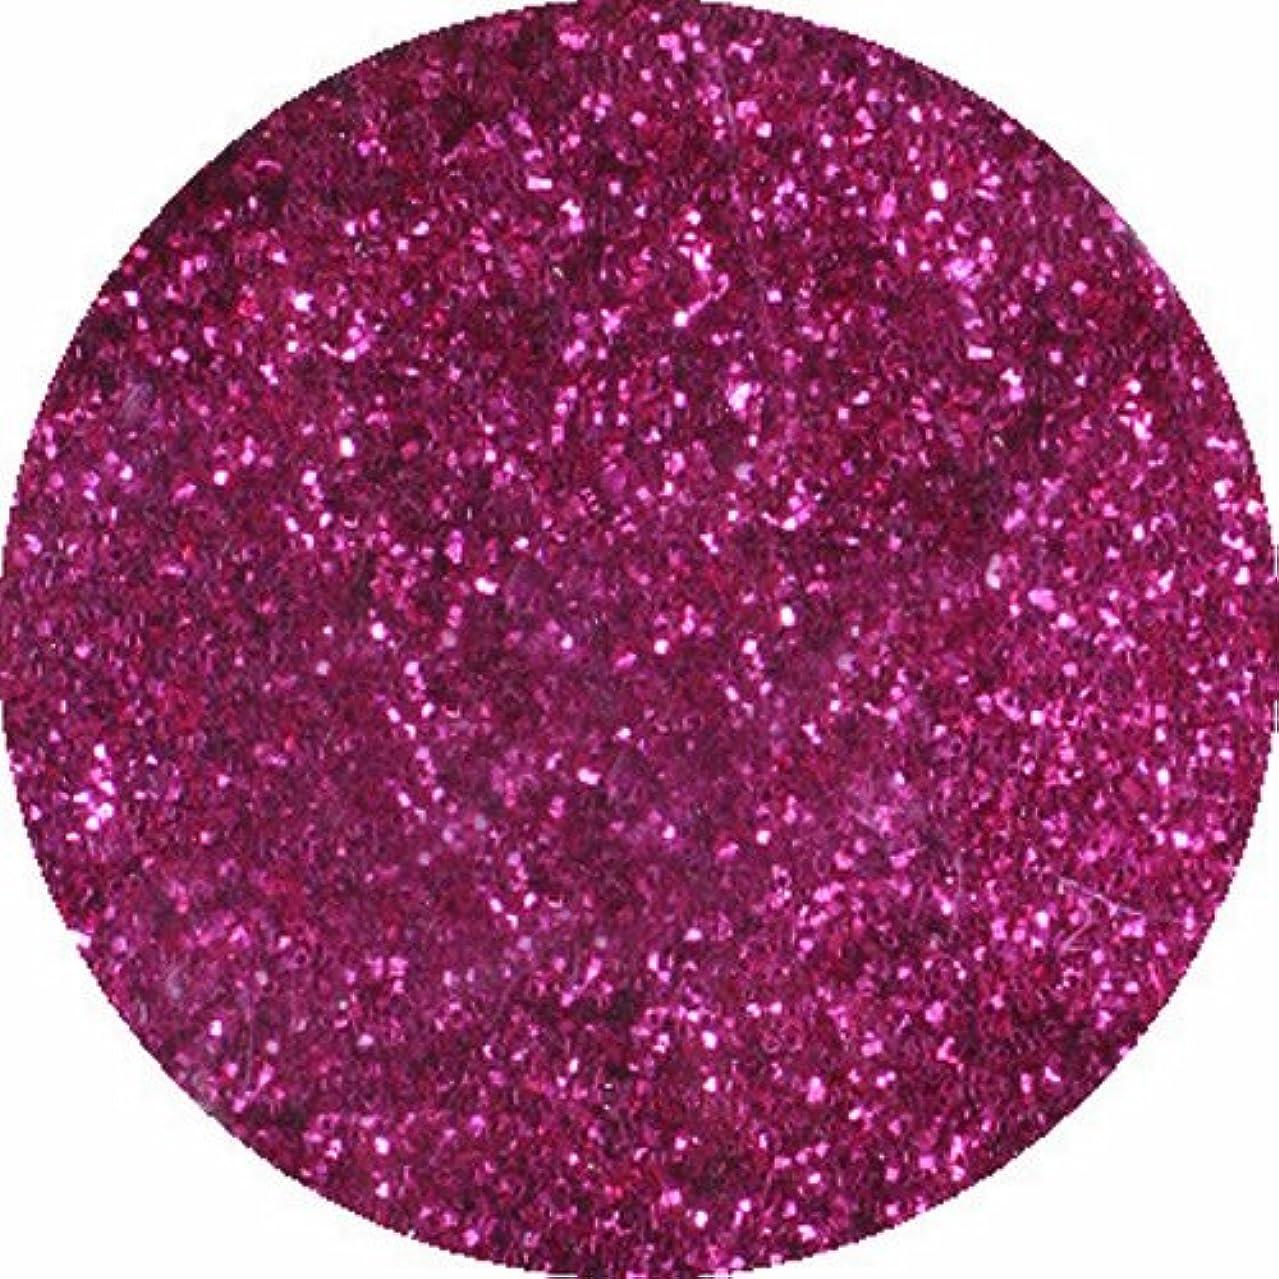 もっともらしい著名な野生ビューティーネイラー ネイル用パウダー 黒崎えり子 ジュエリーコレクション ピンク0.05mm